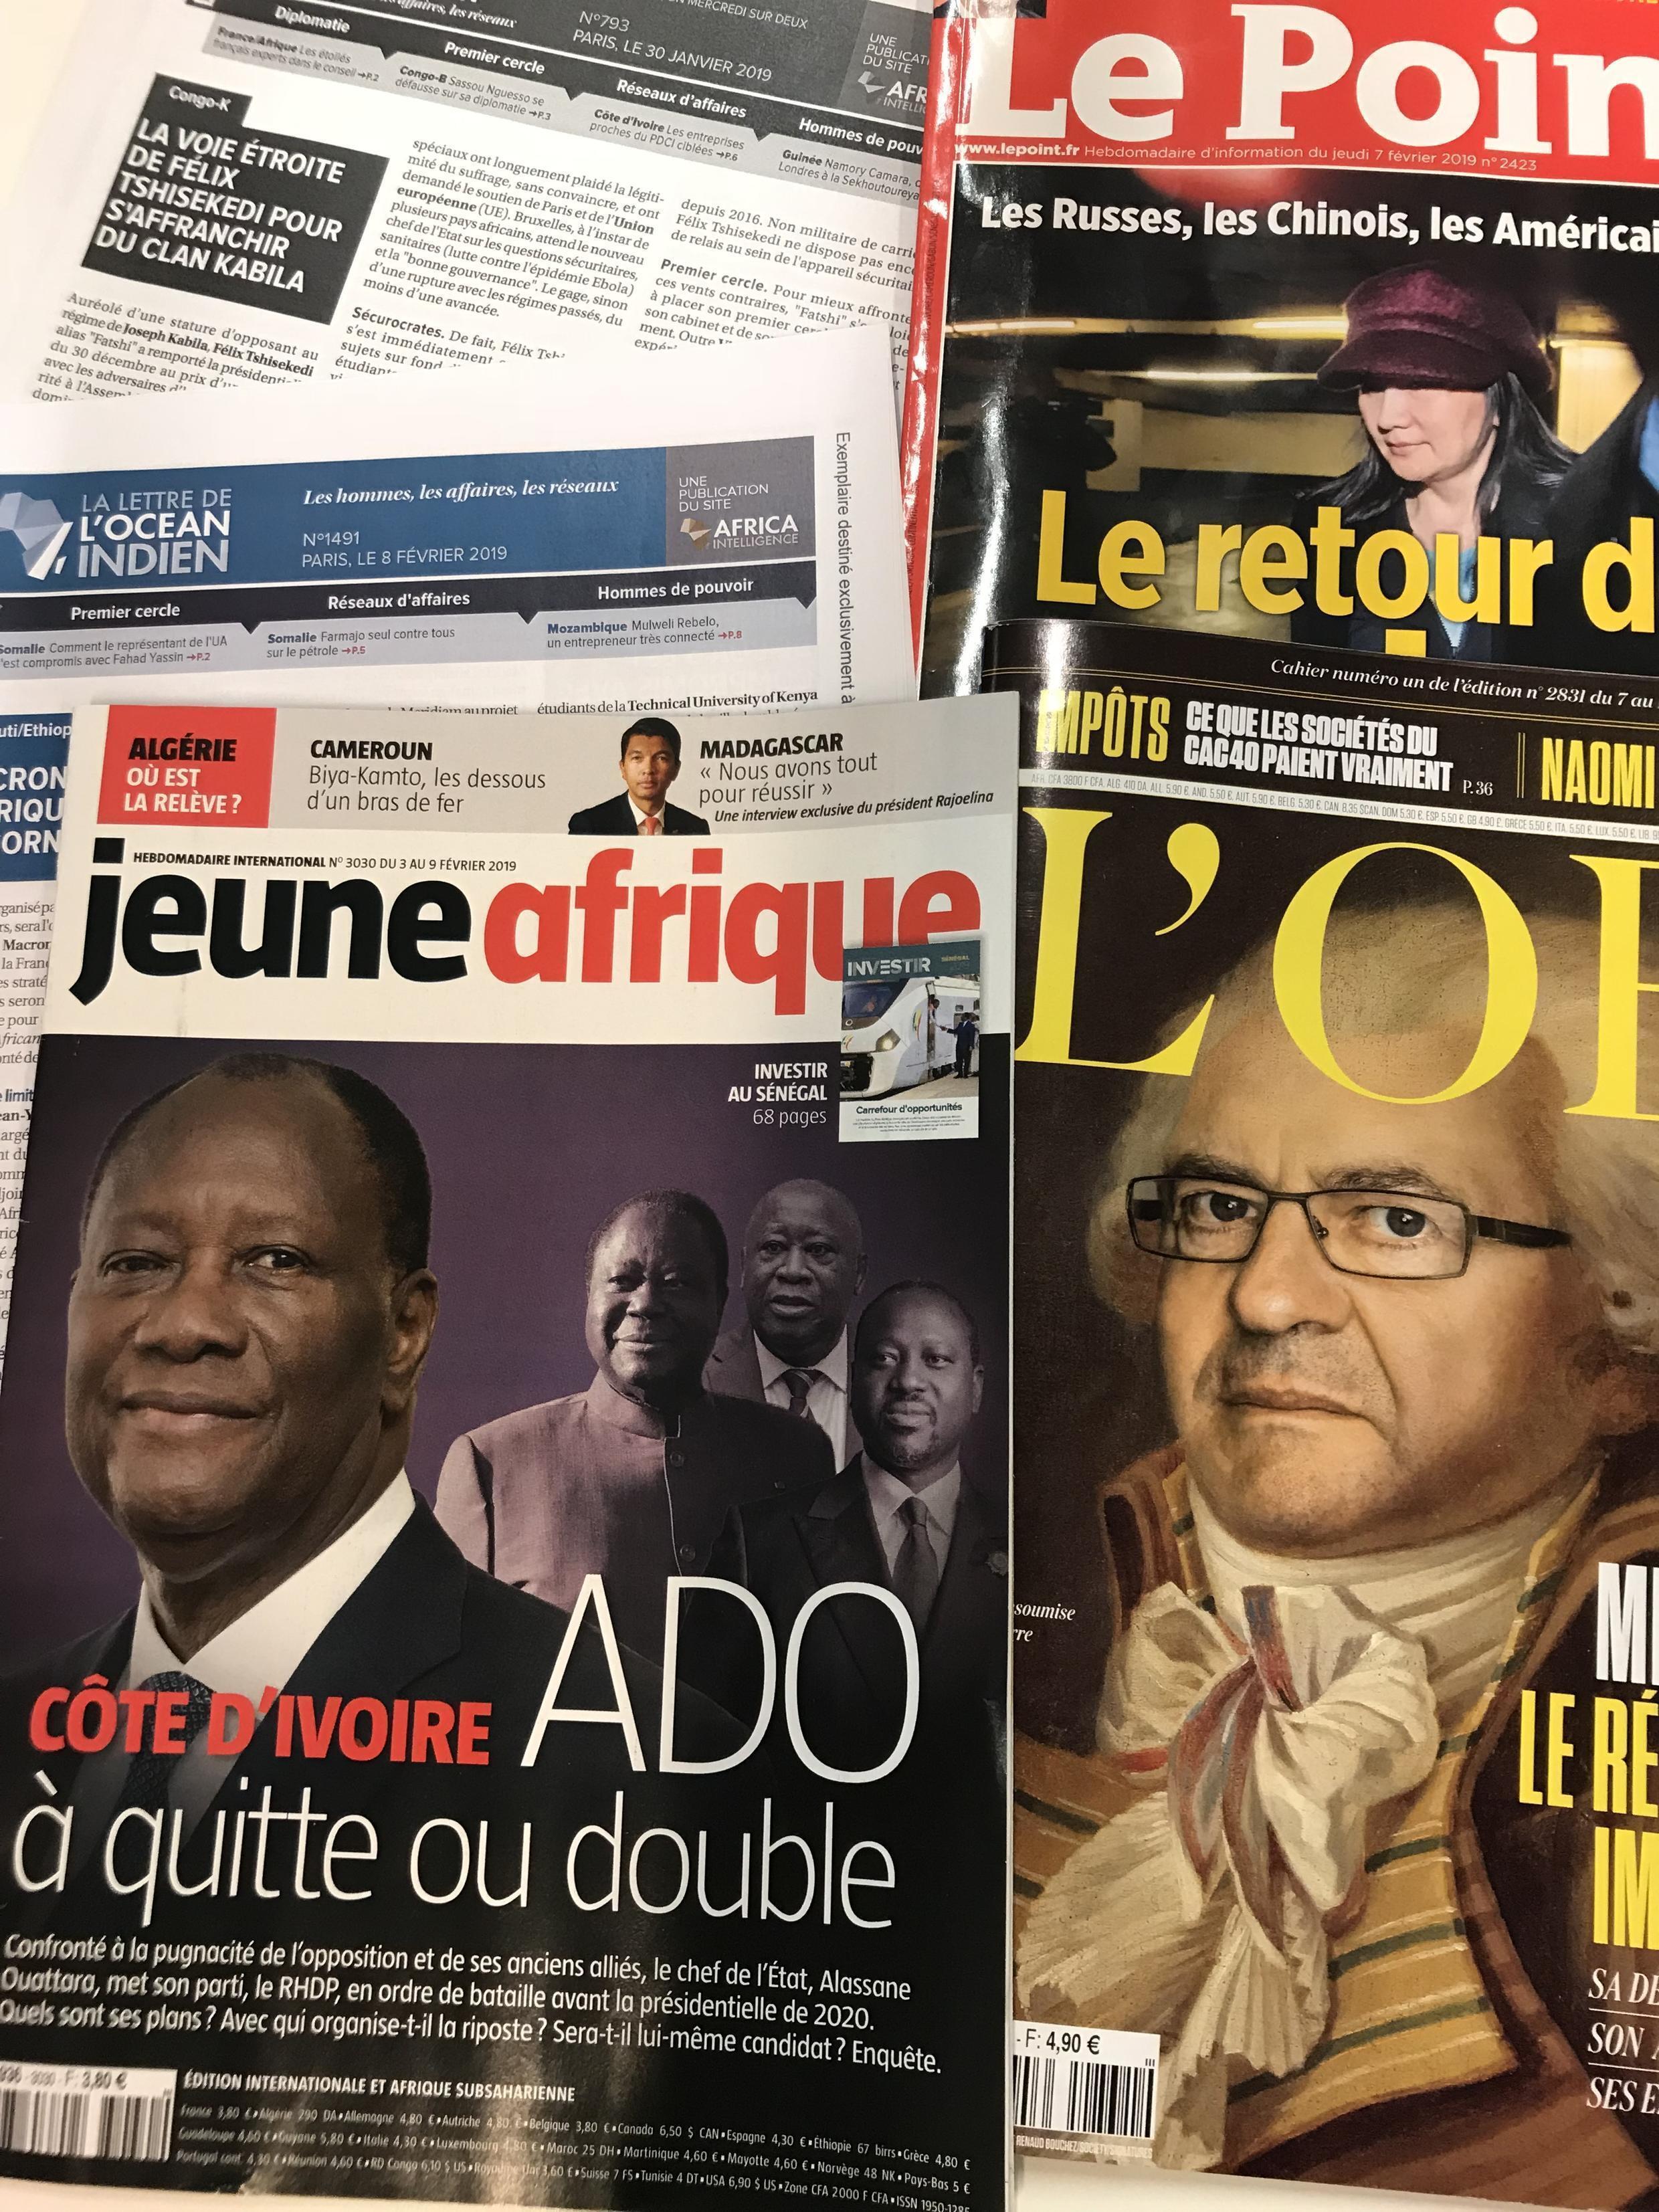 Semanários de língua francesa de 09/02/19, publicados em França